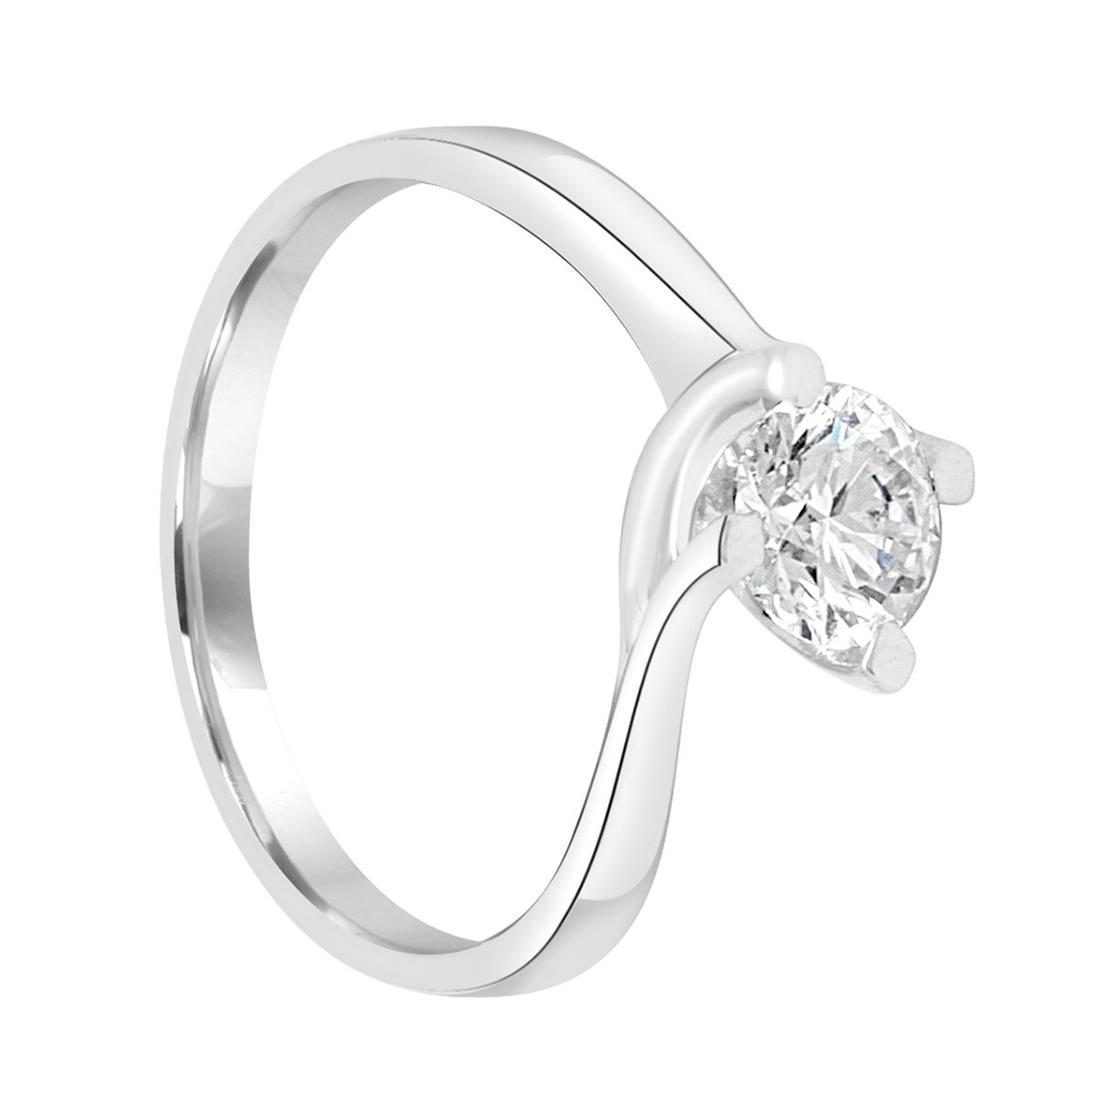 Anello solitario con diamante ct. 0,70 - ALFIERI & ST. JOHN